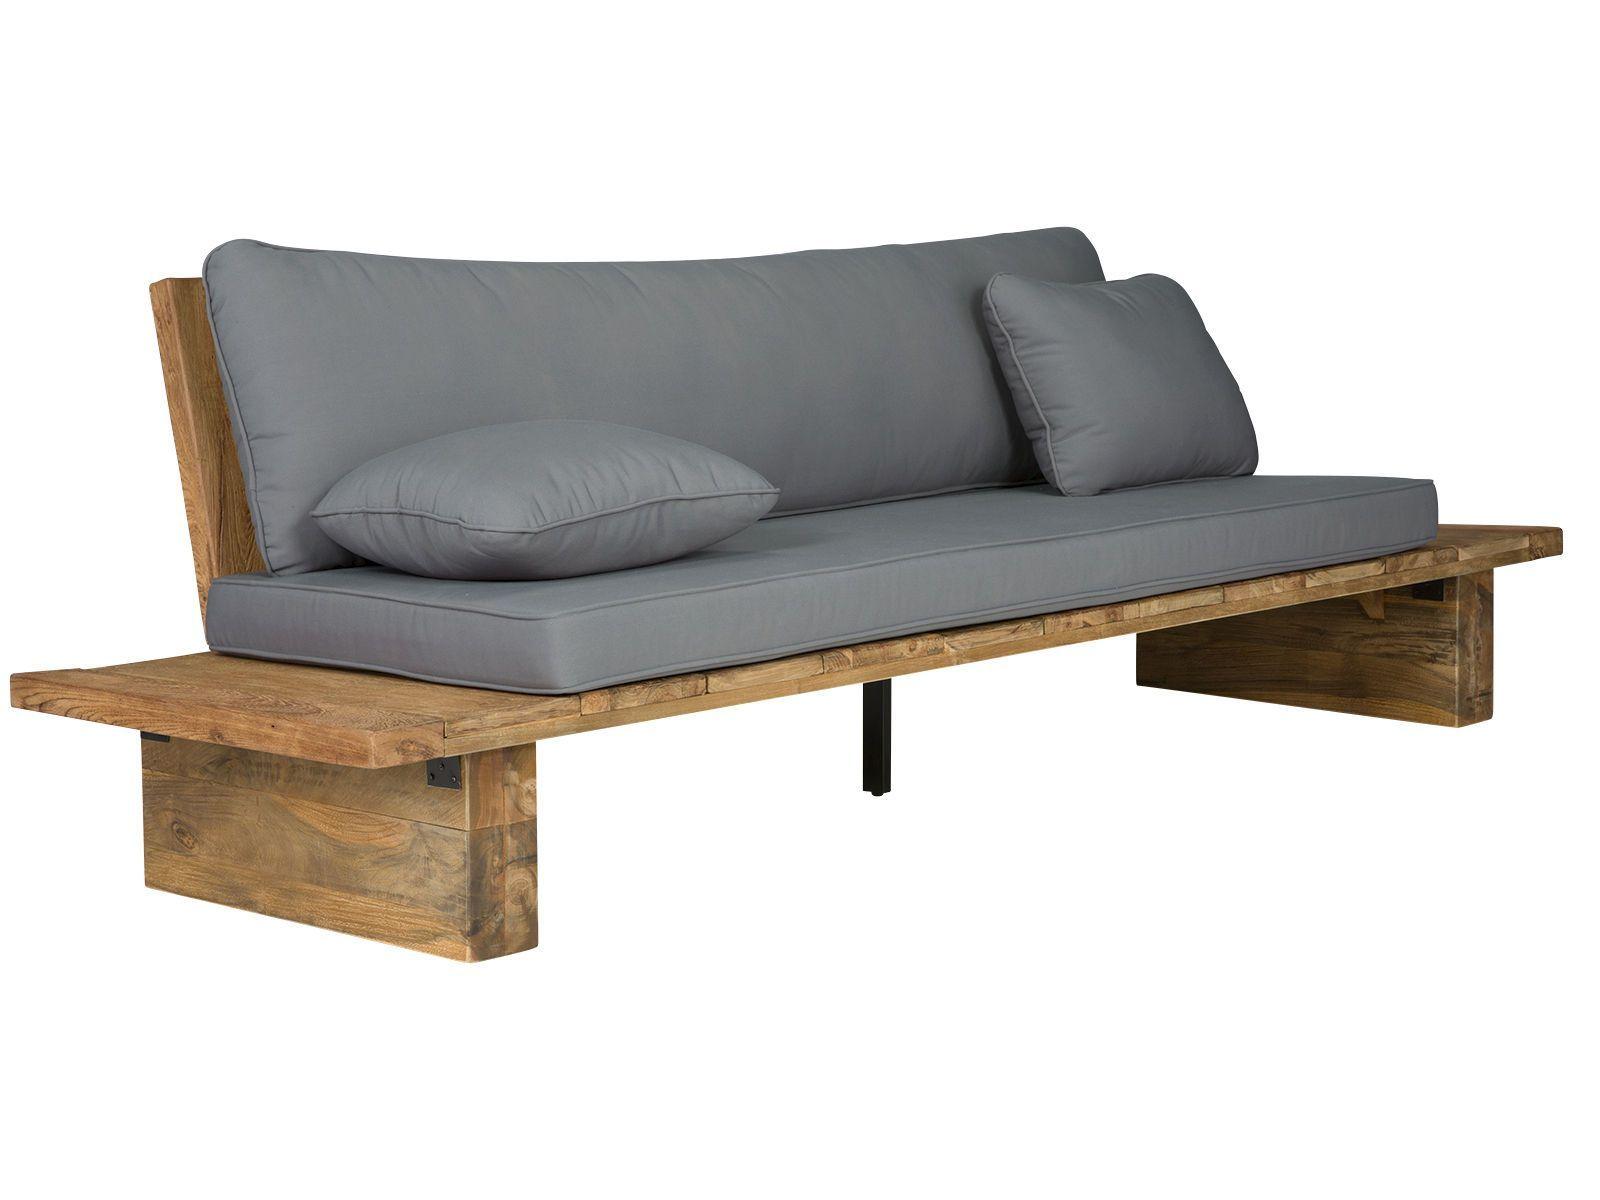 Gartensofa Elima | Garten | Pinterest | Diy sofa